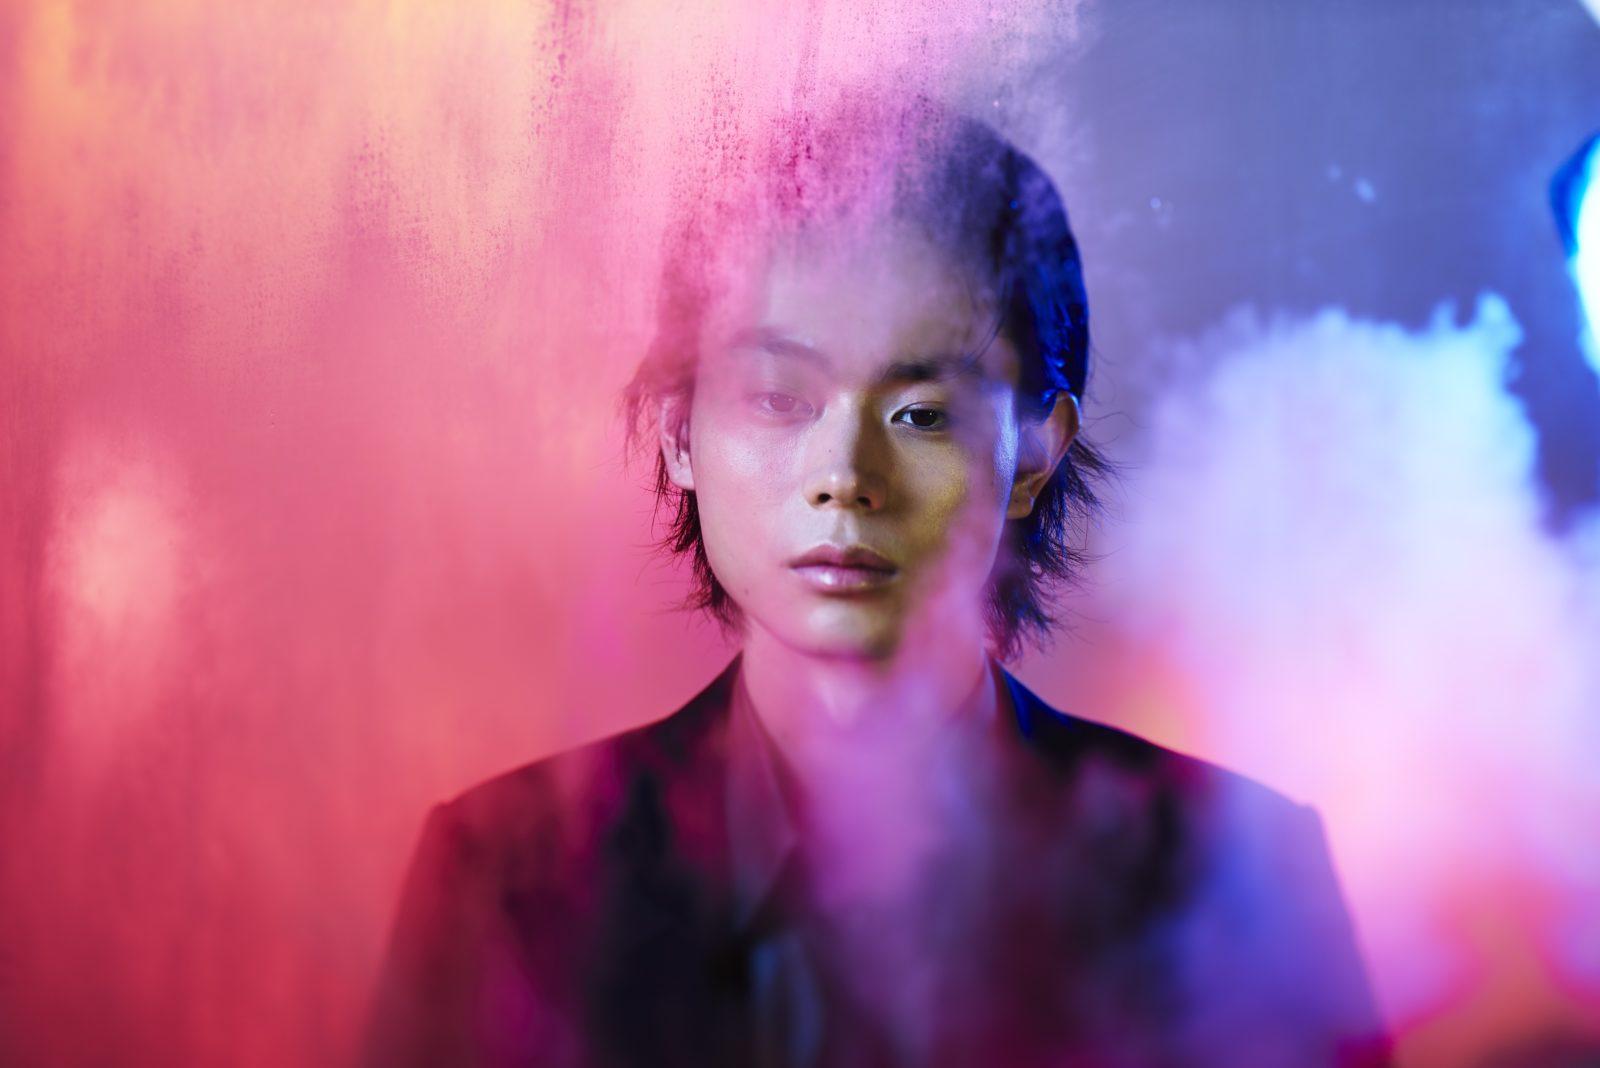 菅田将暉ファーストライブツアーを2018年2月、東京・名古屋・大阪3箇所で開催サムネイル画像